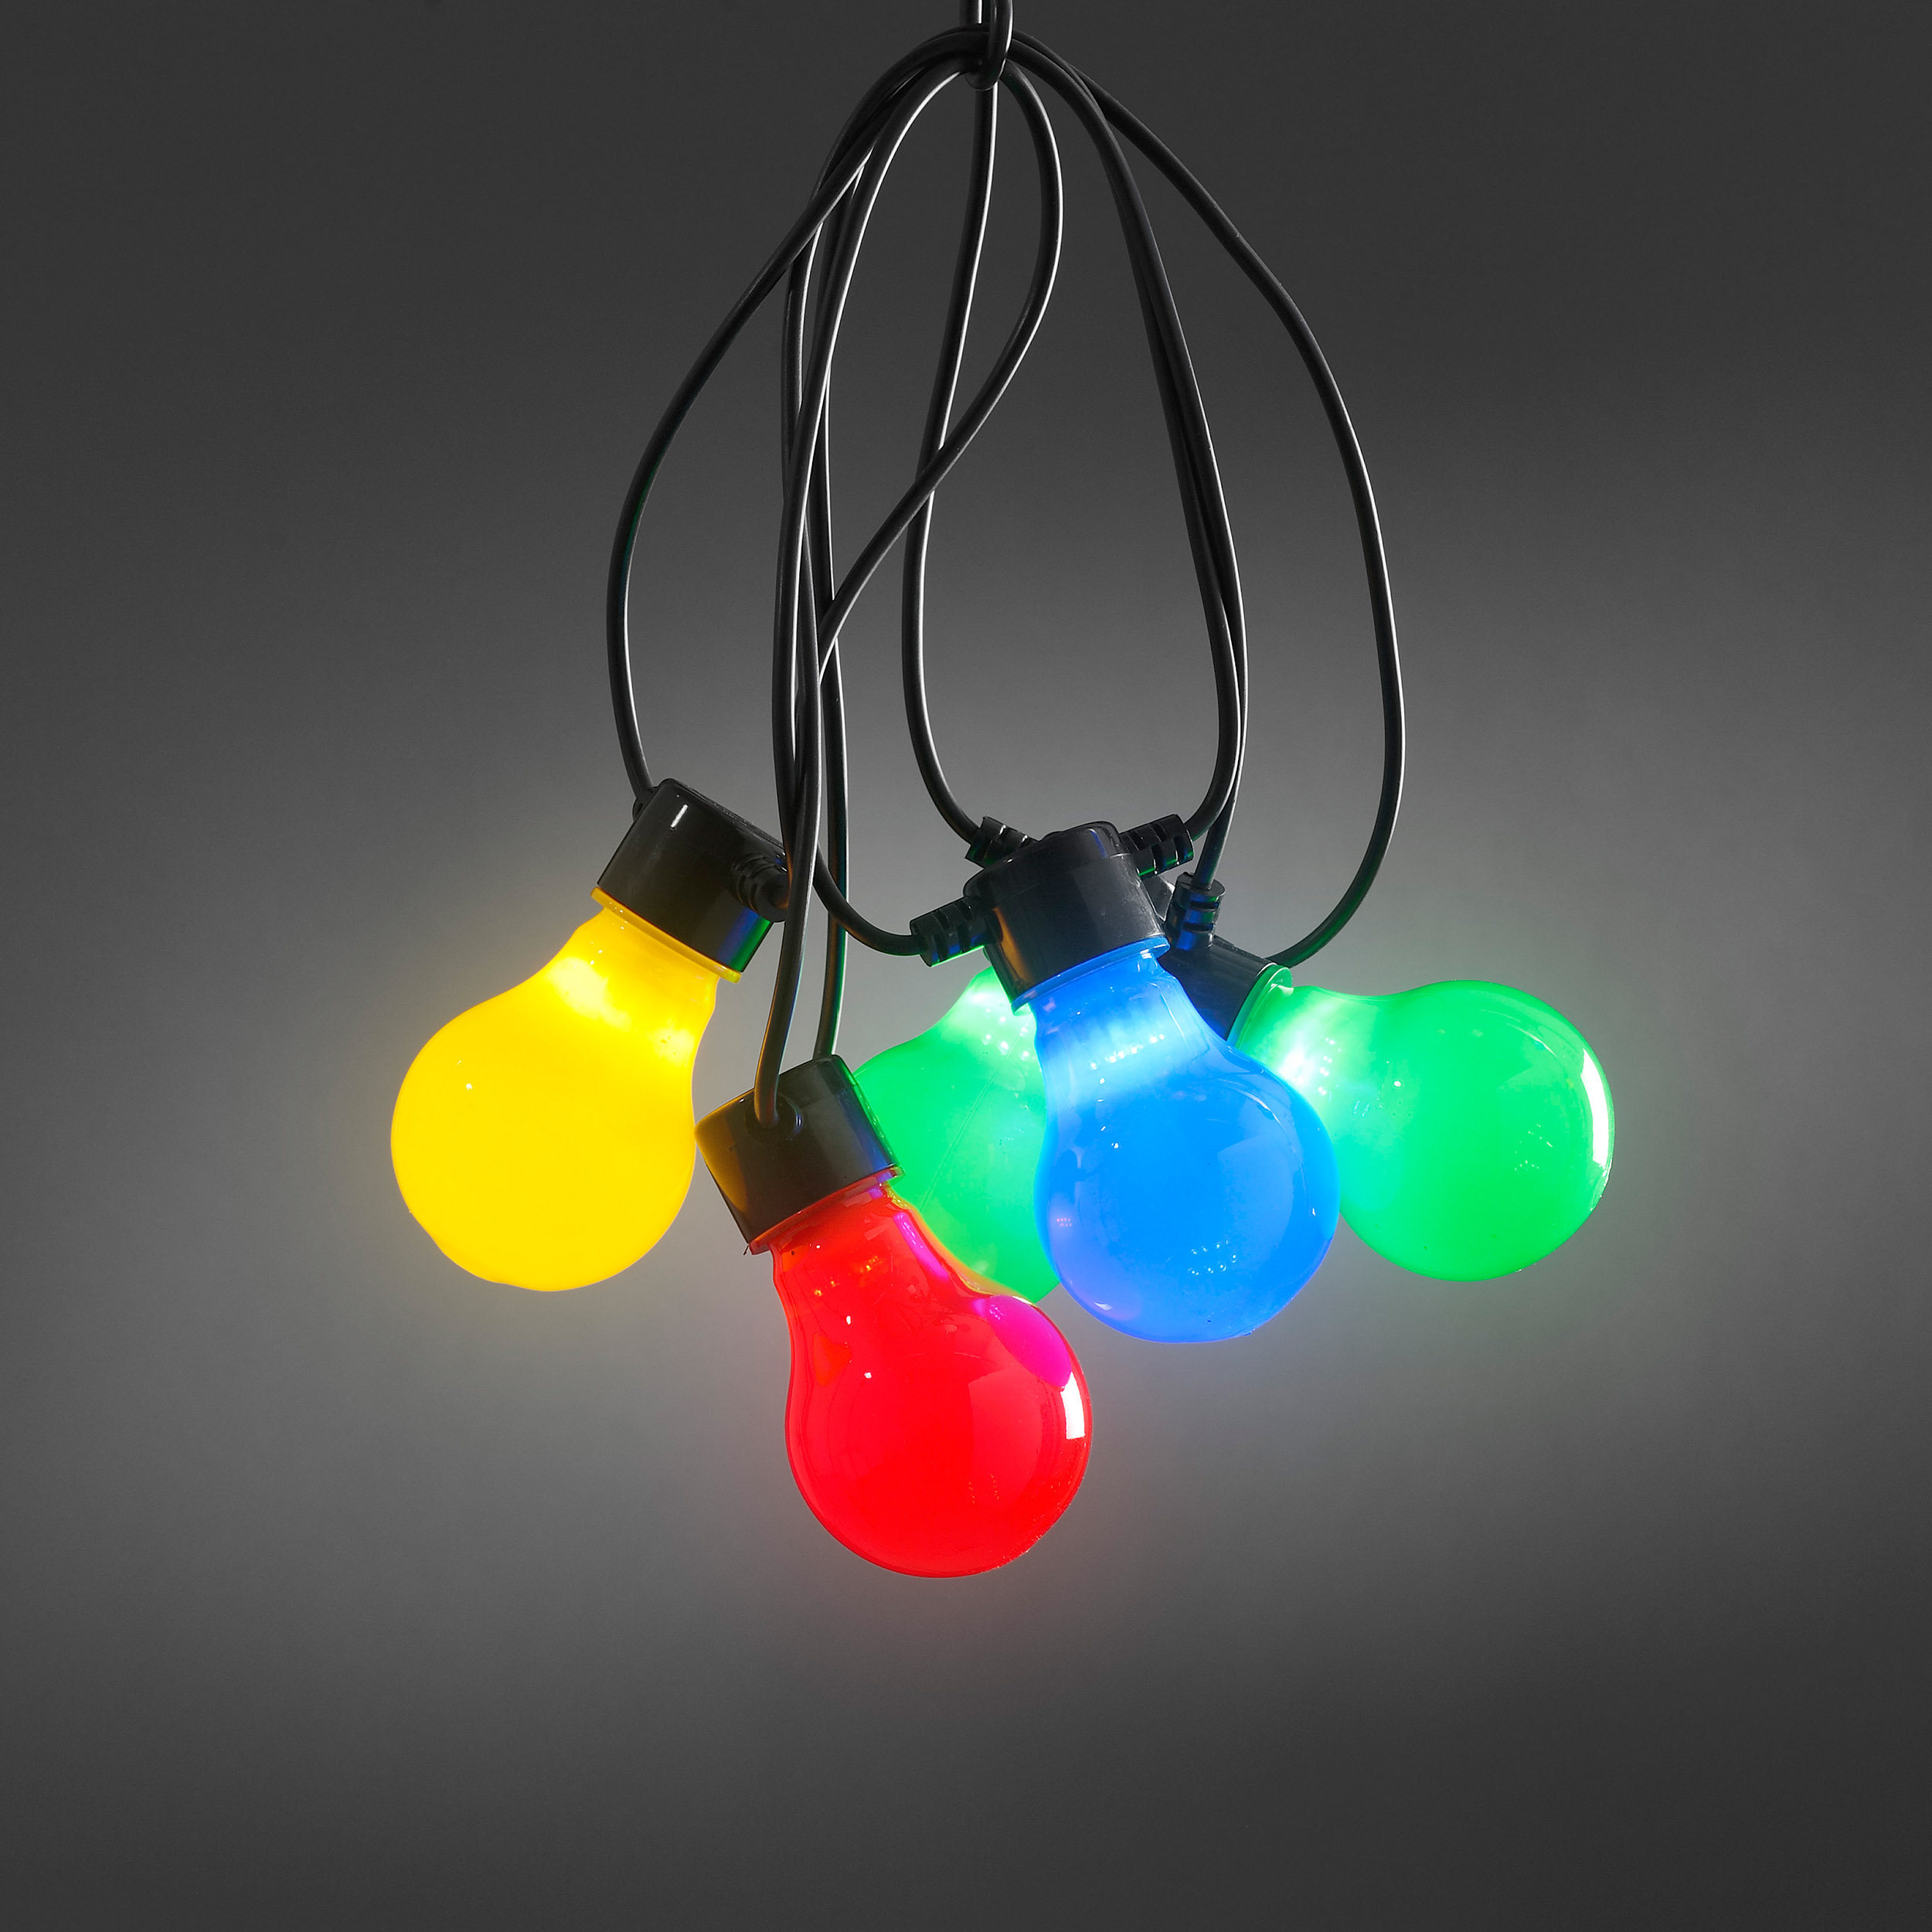 Konstsmide LED-Partylichterkette 10 bunte Lampen, 4,5 m 2388-520